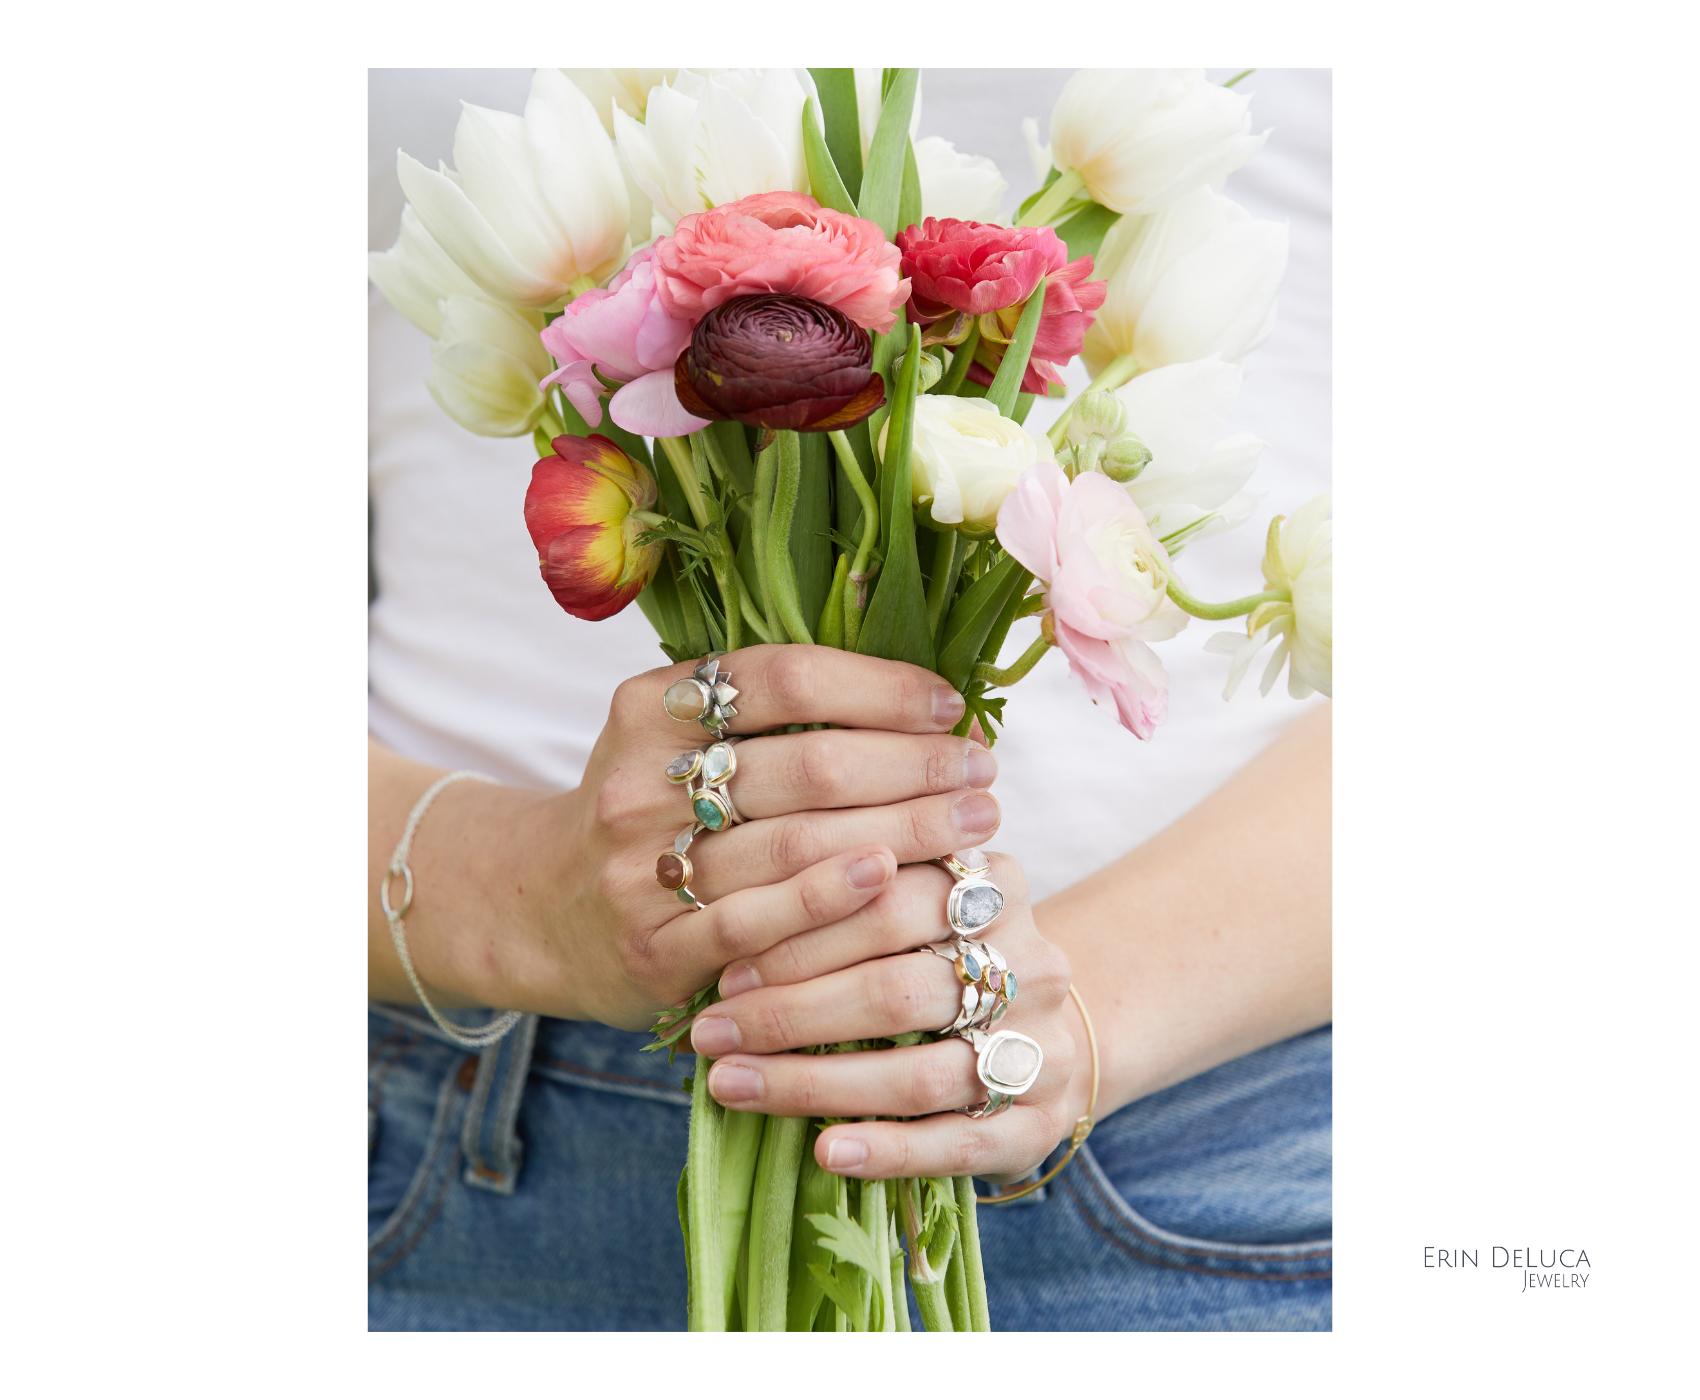 Erin DeLuca Jewelry Lookbook 4.png